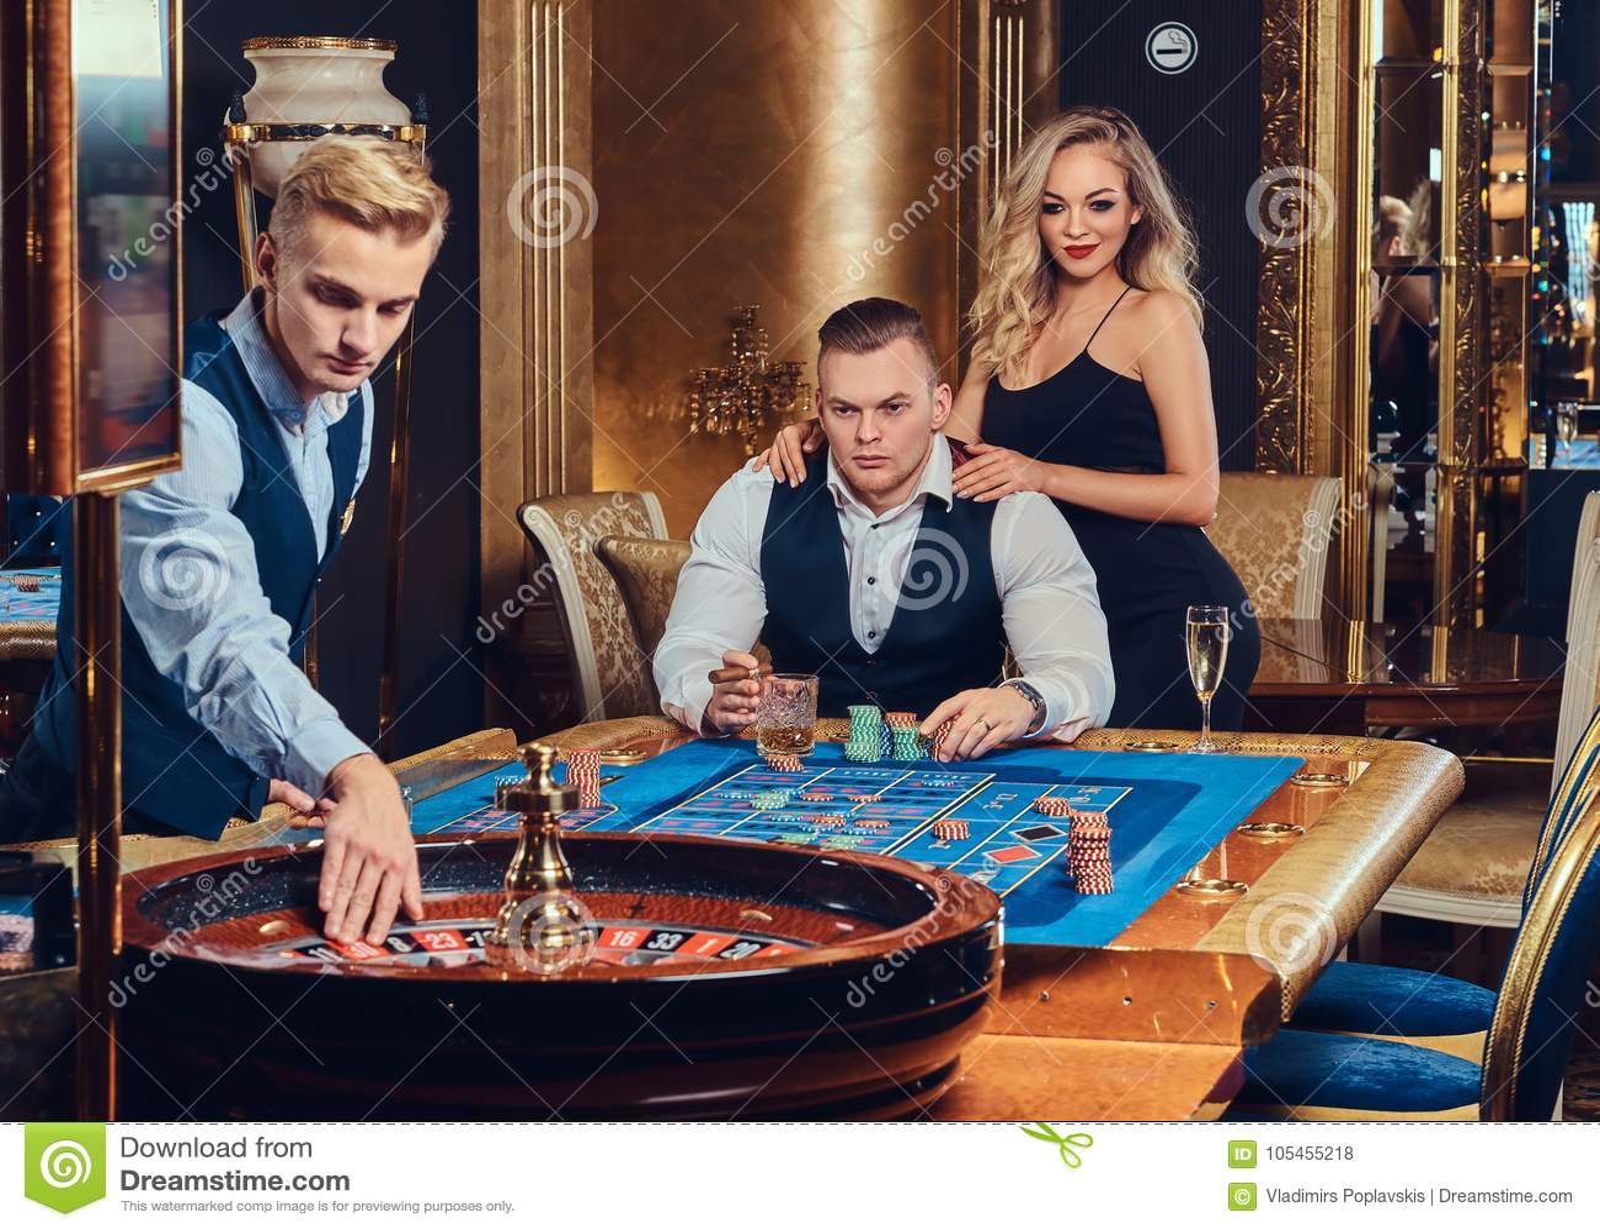 Pub quiz gambling